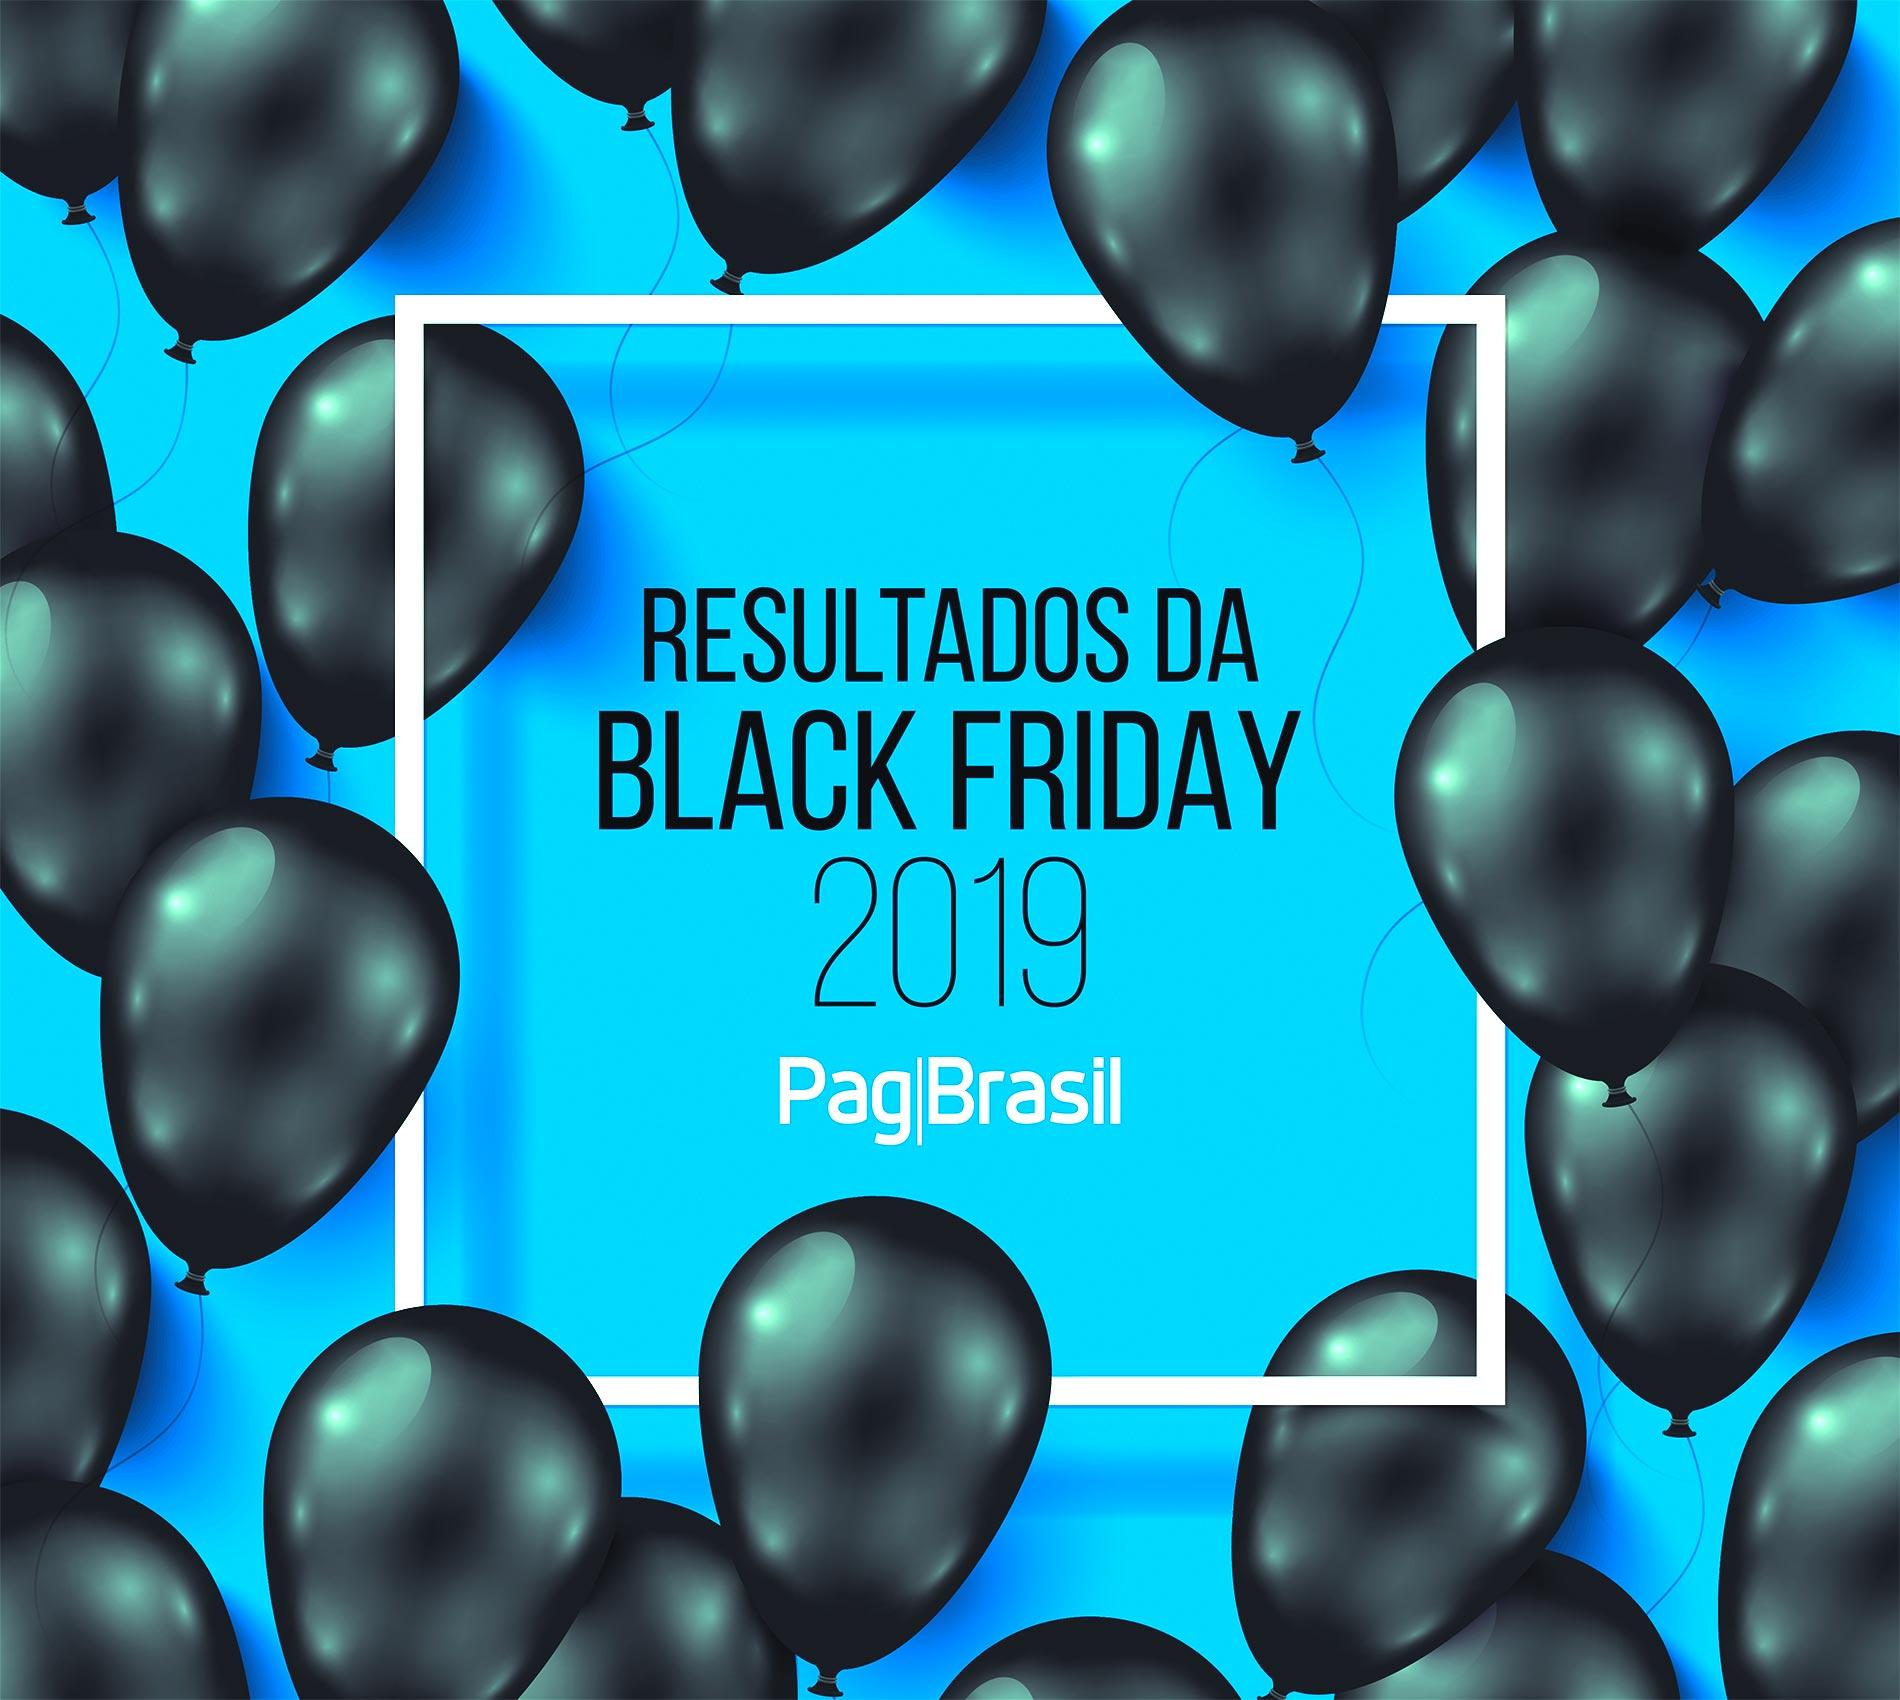 Resultados Black Friday 2019